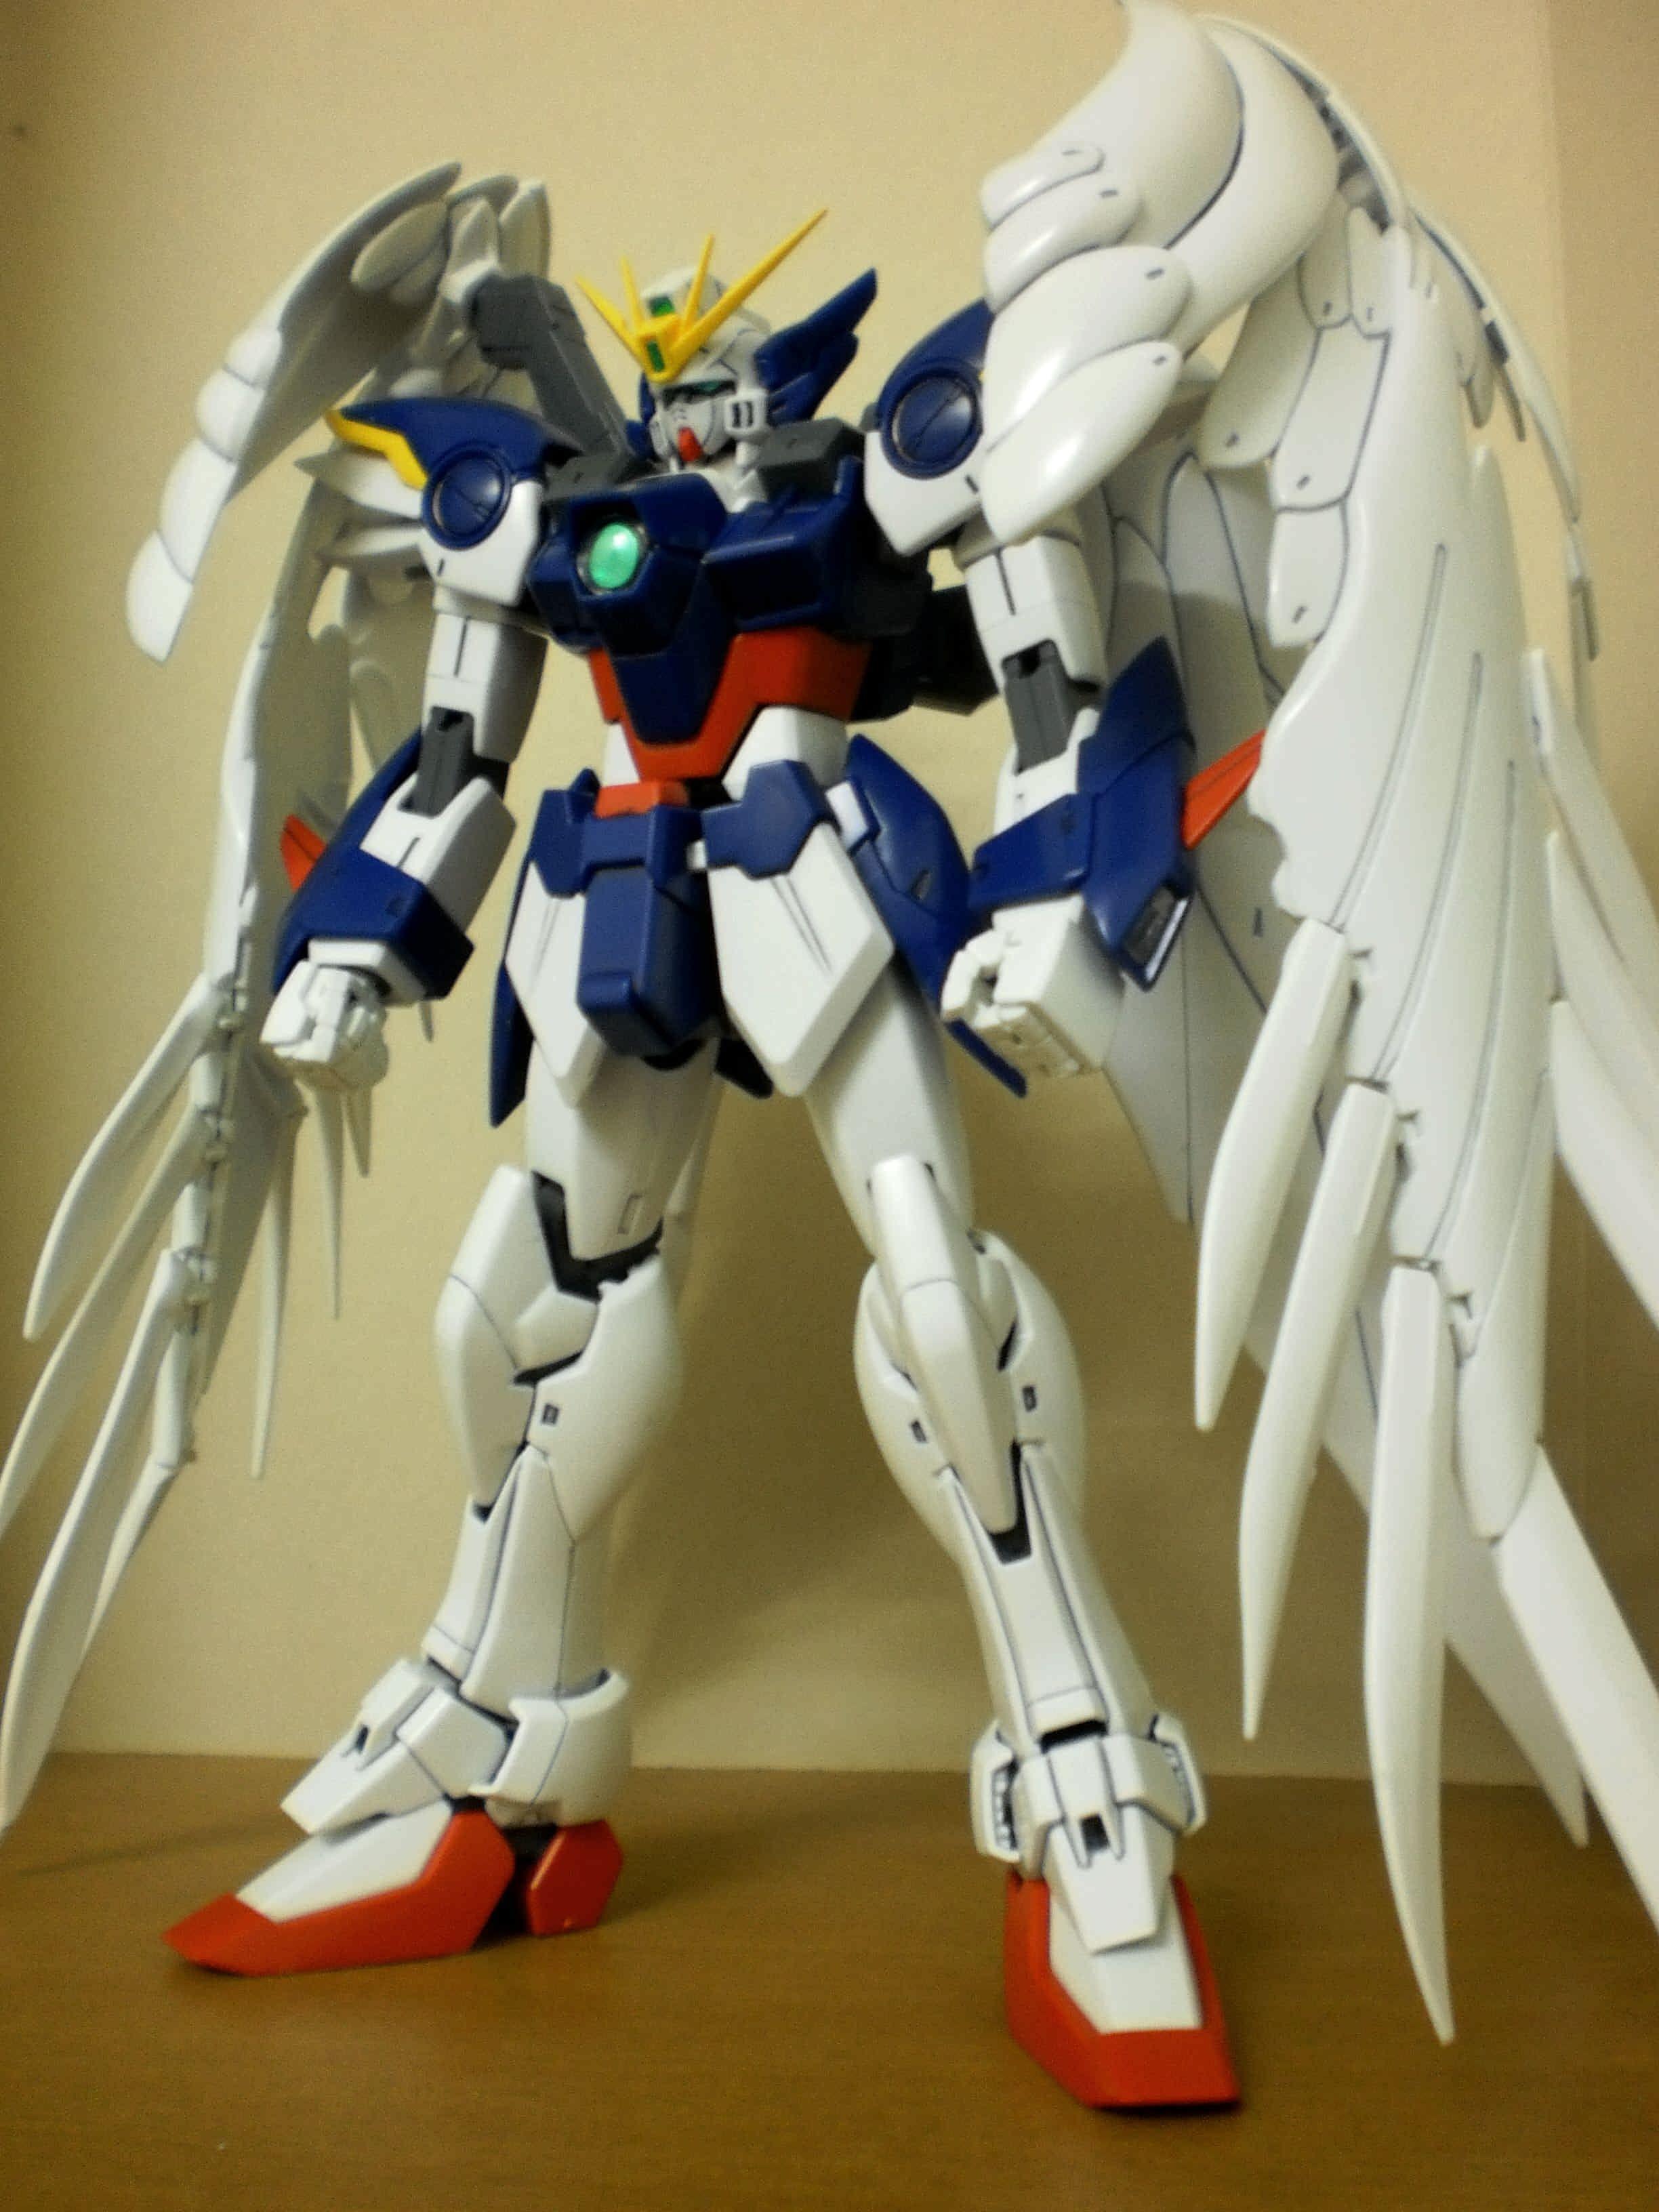 HG 1//144 Gundam Wing Endless Waltz XXXG-00W0 Wing Gundam Zero Cu... FROM JAPAN